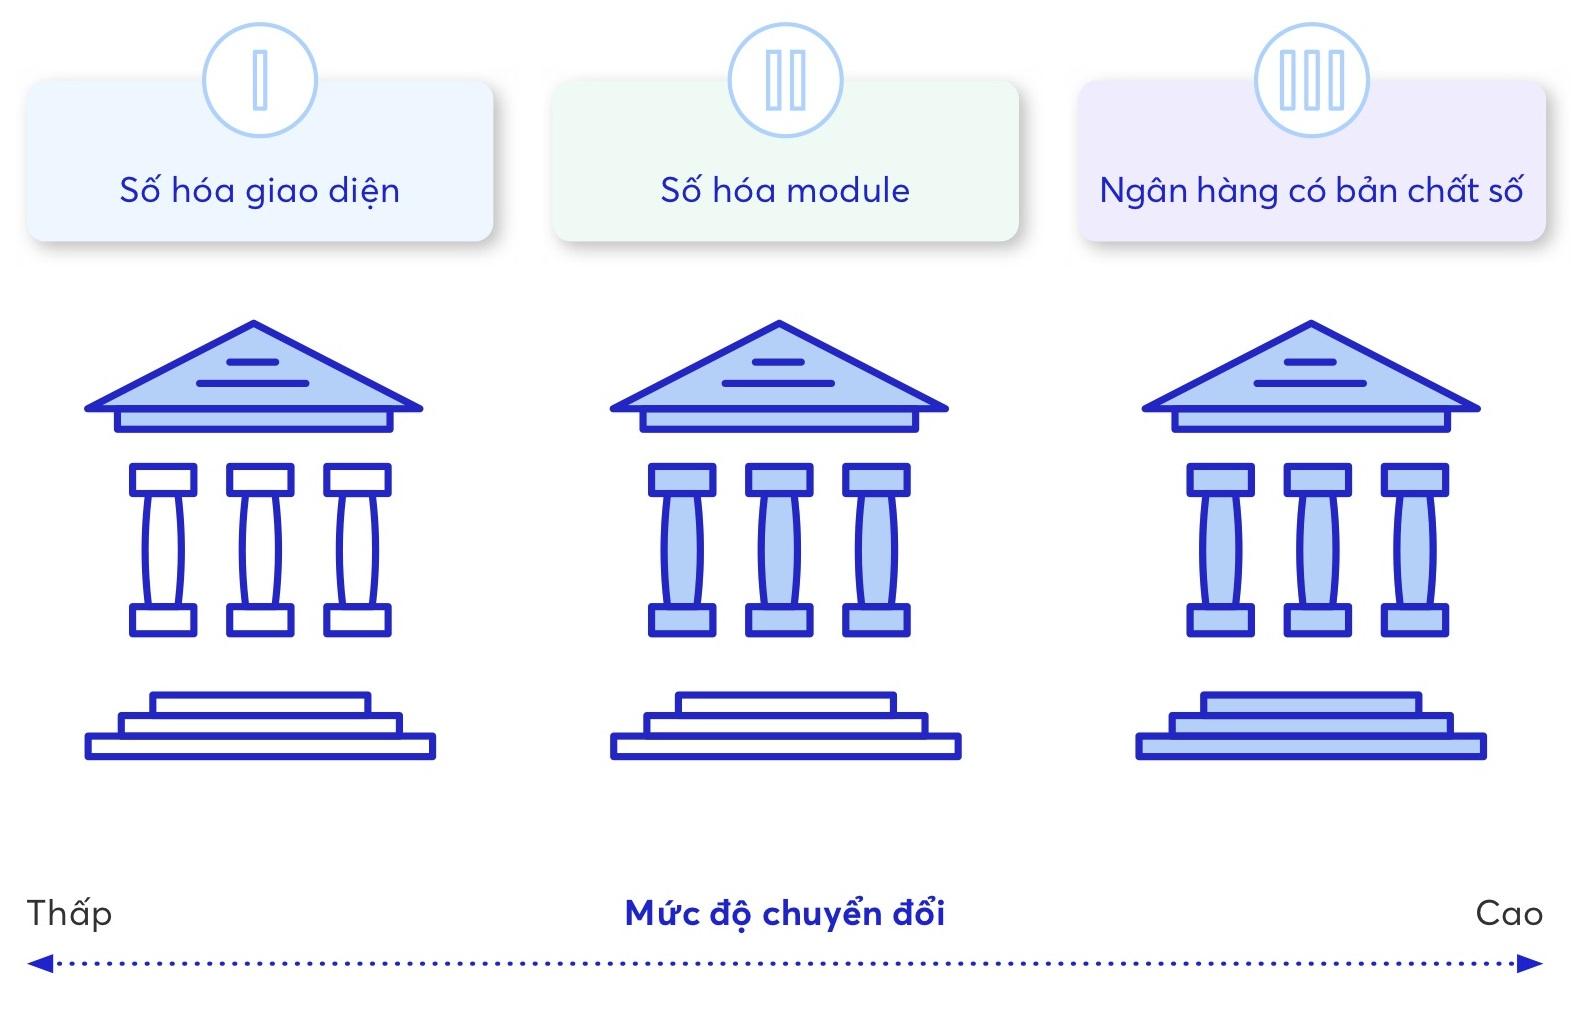 các ngân hàng trước đó triển khai chuyển đổi số theo 3 cấp độ từ thấp đến cao: số hoá về giao diện, số hoá theo module và các ngân hàng có bản chất số